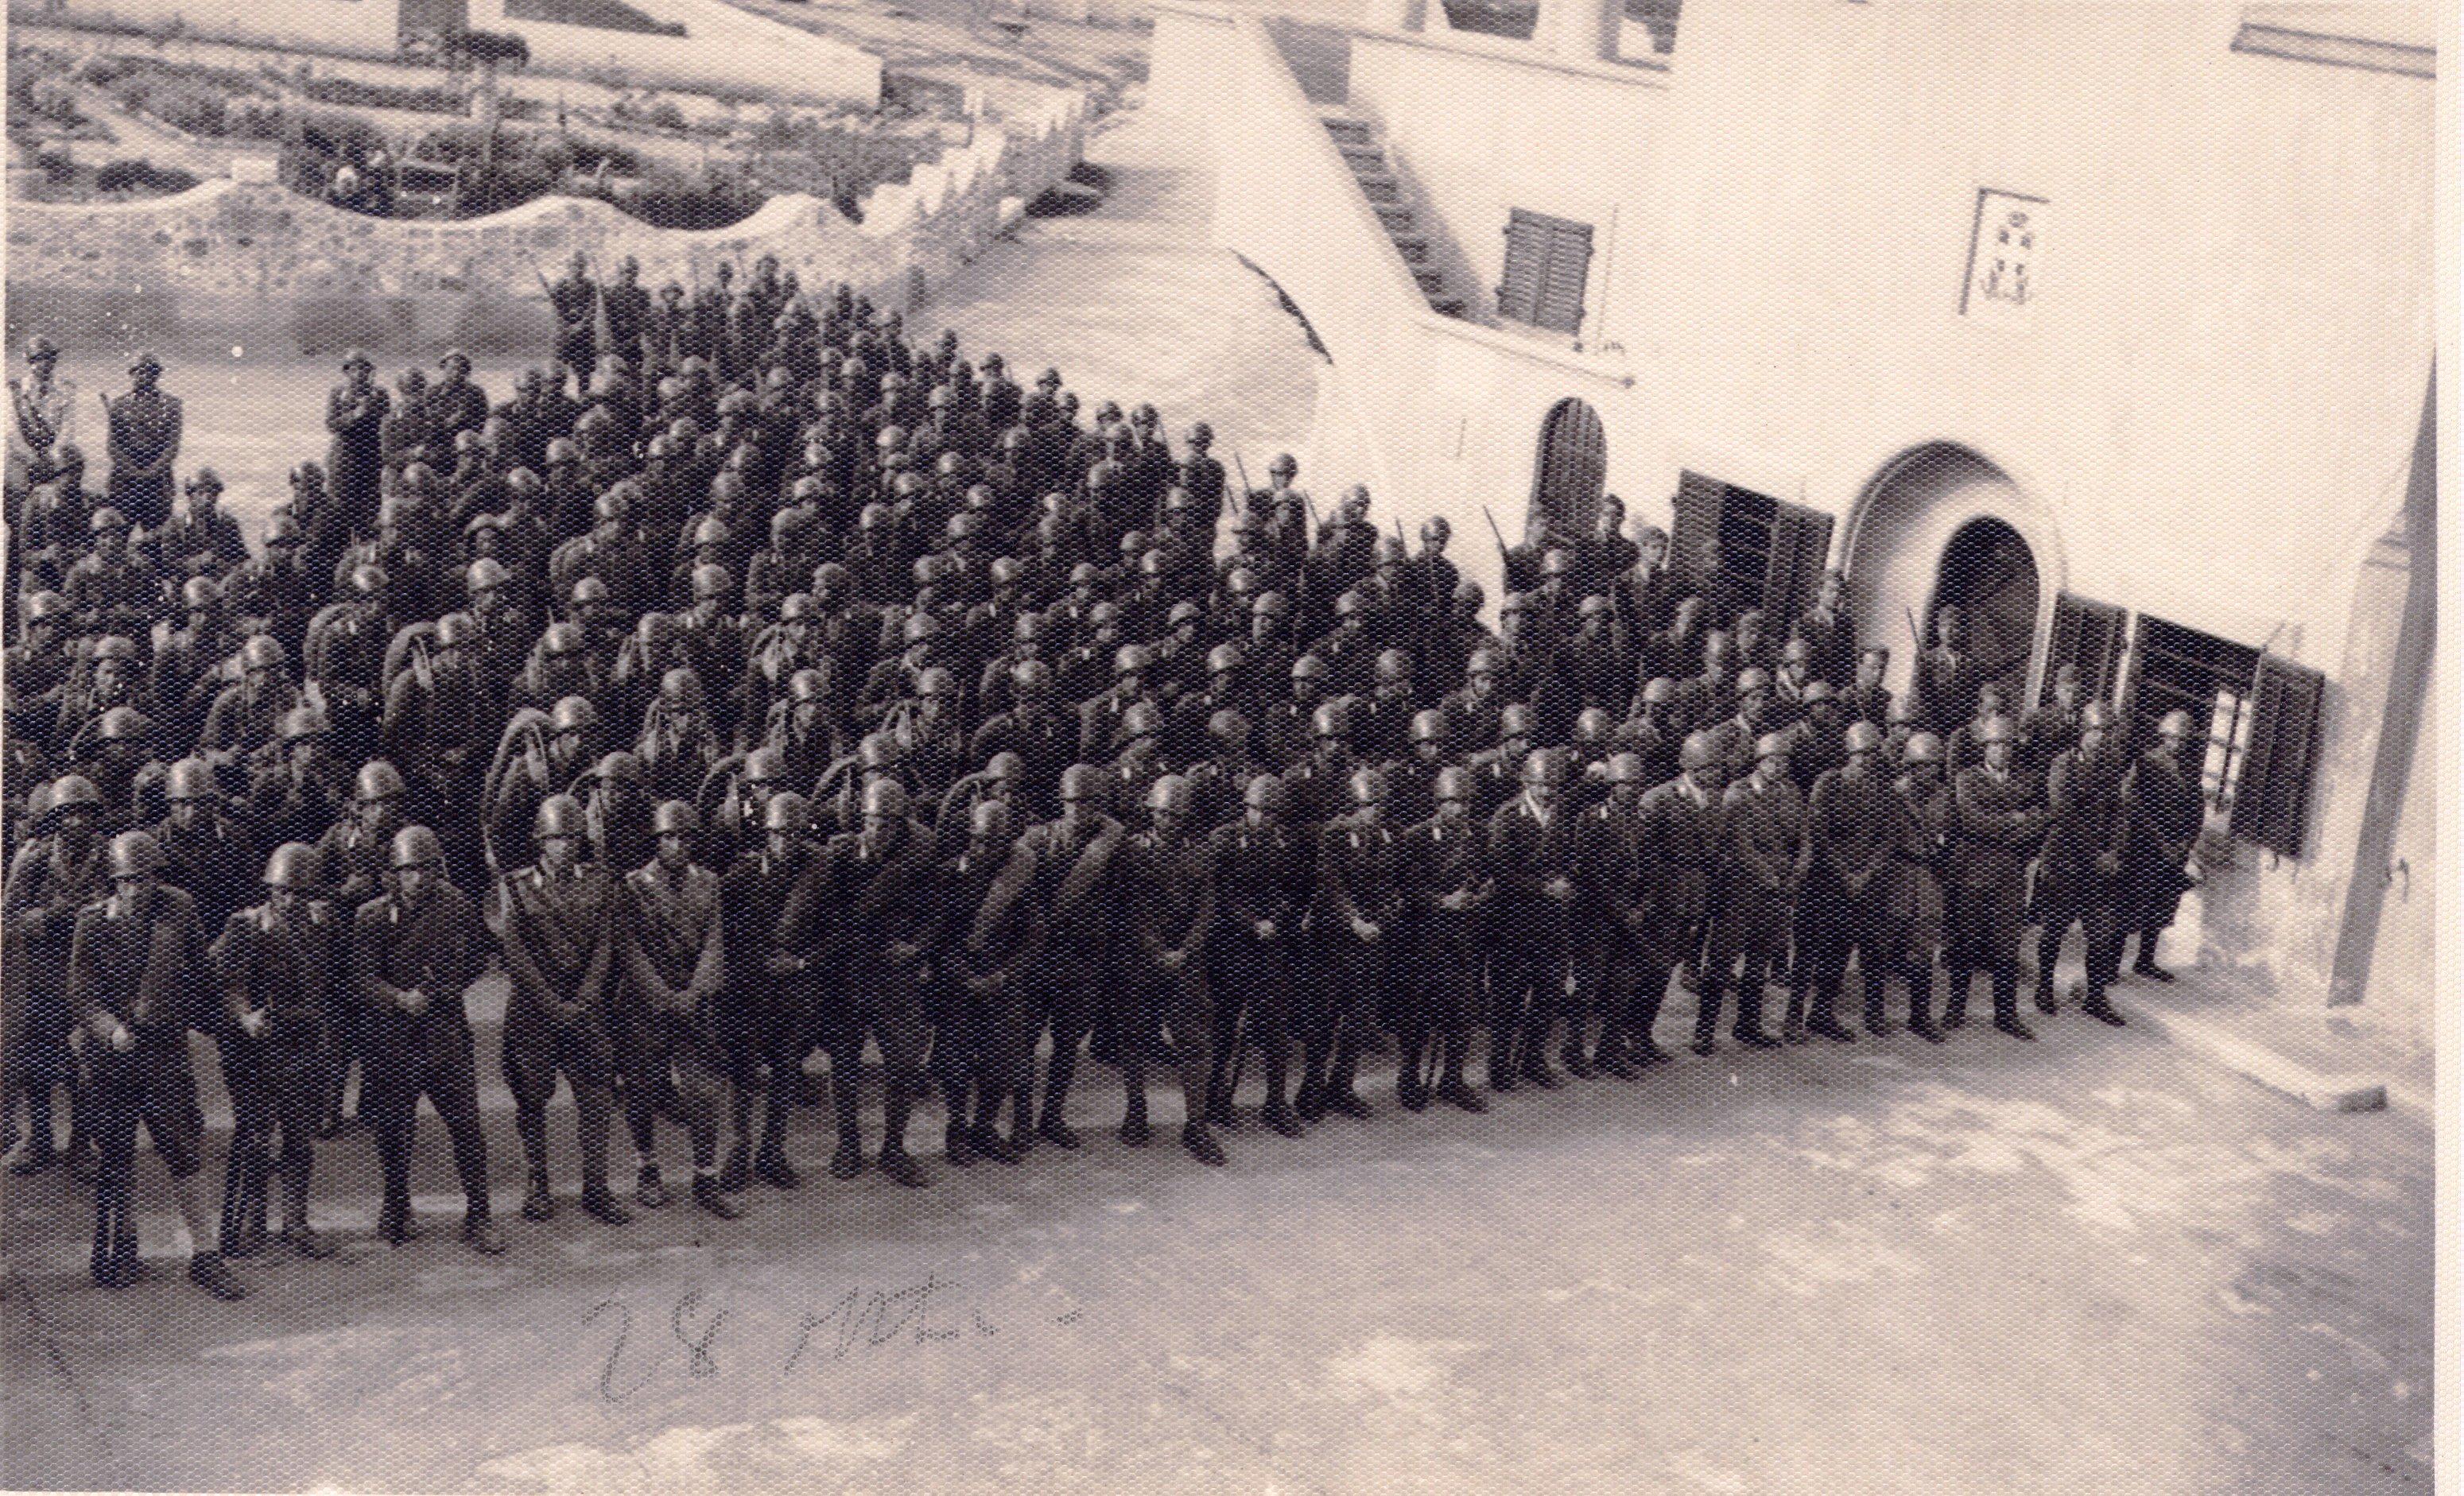 Ανθόκηπος Πηγαδίων το 1942 από τα Διοικητήρια. Φωτό από το αρχείο του Μανώλη Κασσώτη